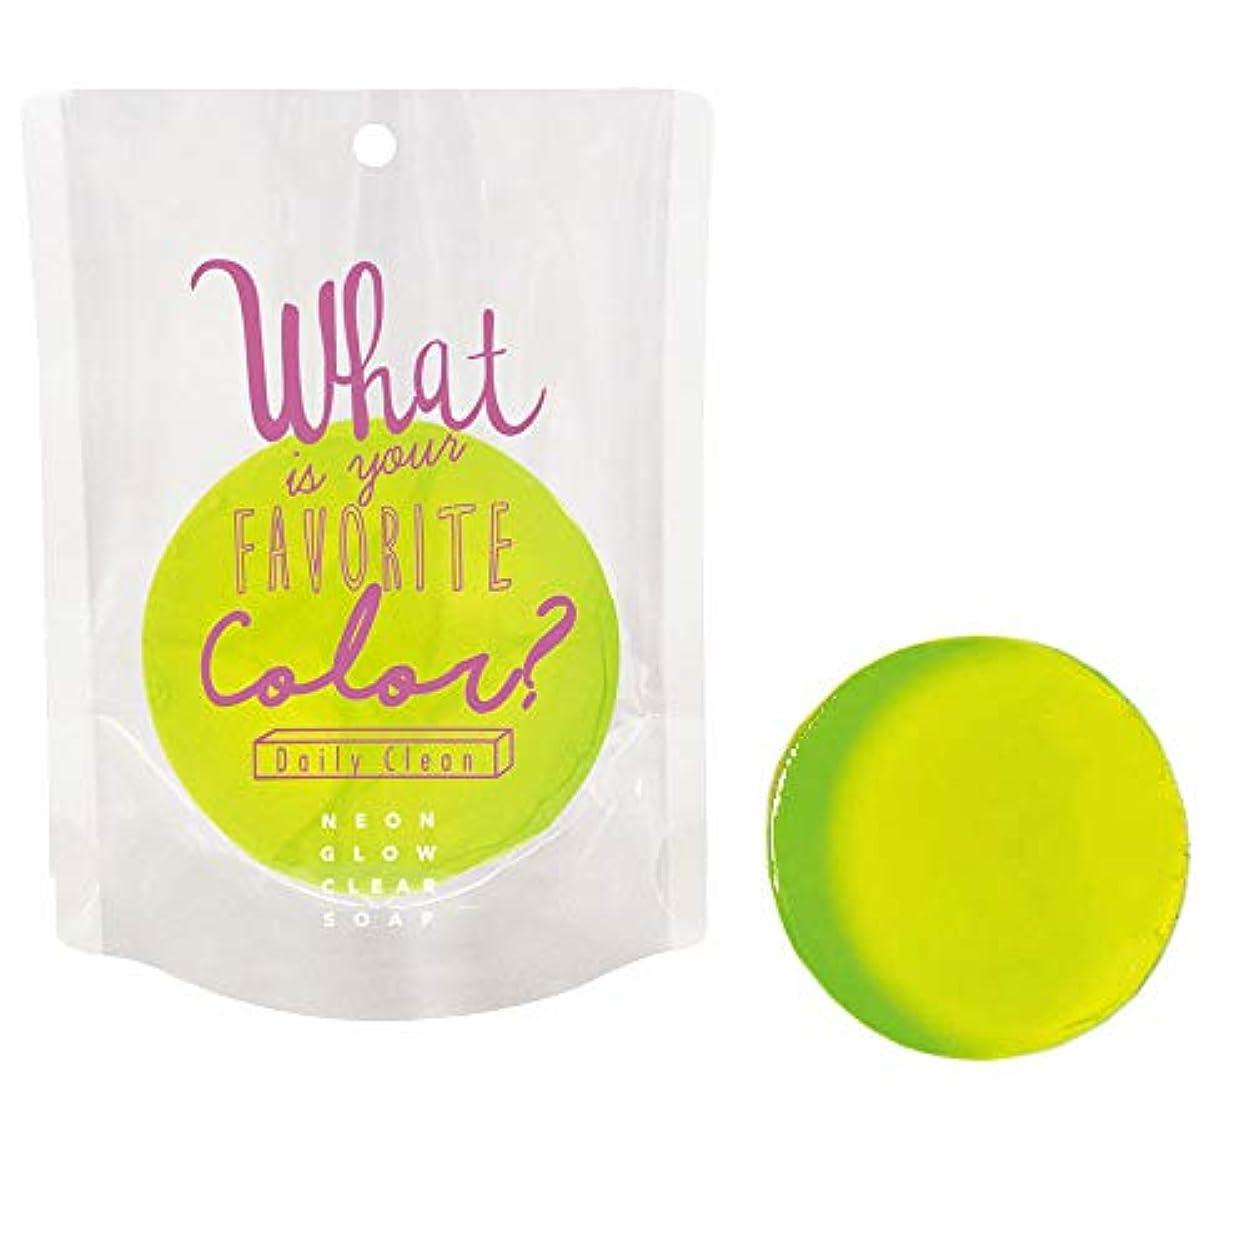 永久指導する透明にネオングロークリアソープ ob-ngw-2-1-4(02/パパイヤ) Neon Glow Clear Soap 石鹸 ノルコーポレーション 固形 せっけん カラフル 香り 清潔 ギフト プレゼント